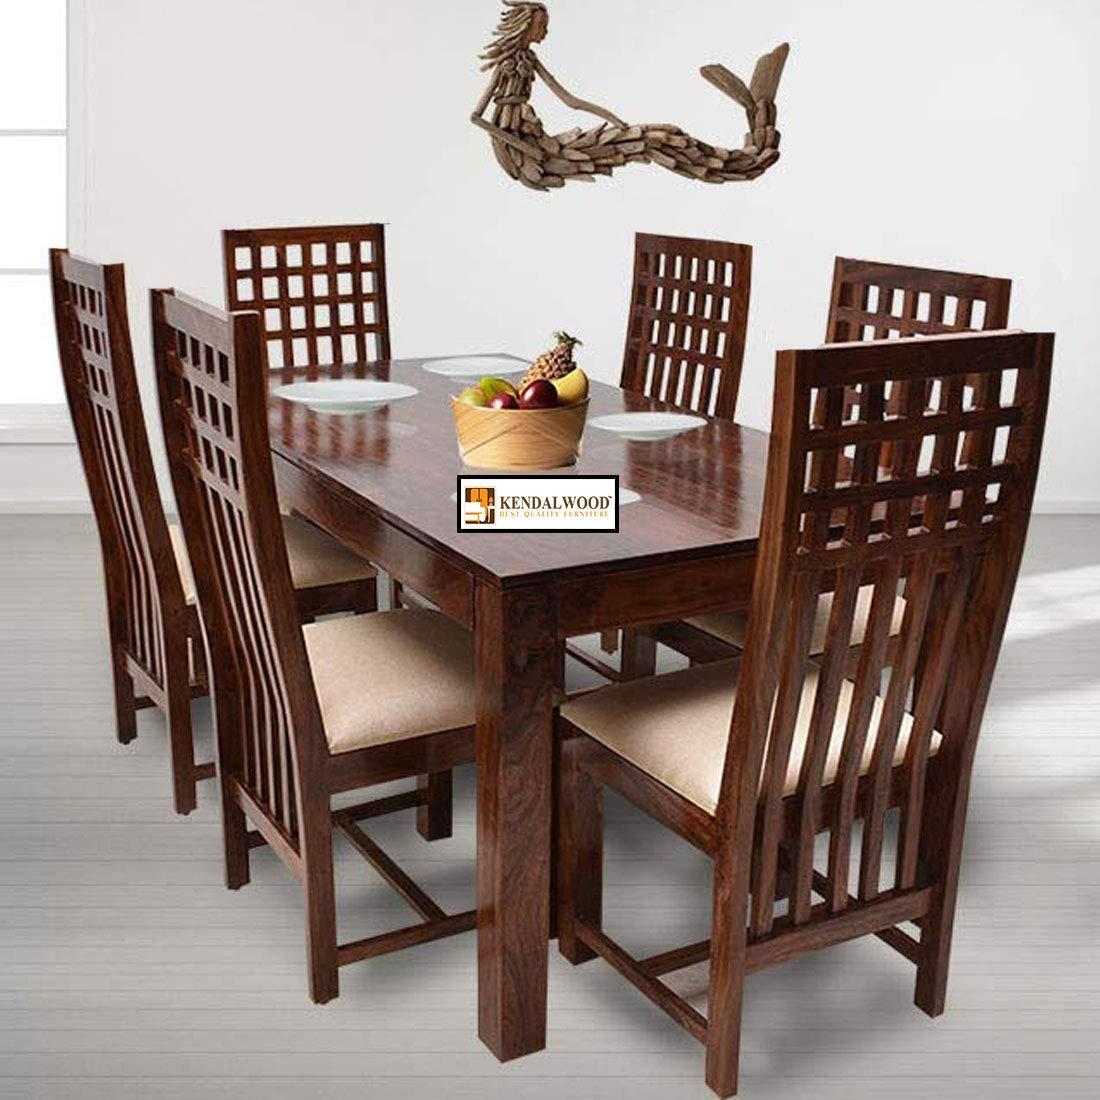 Kendalwood Furniture Sheesham Wood Dining Table9 X 9 with 9 Chairs    Wooden Dining Table with Chair   Dining Room Furniture  Natural Teak  Finish ...